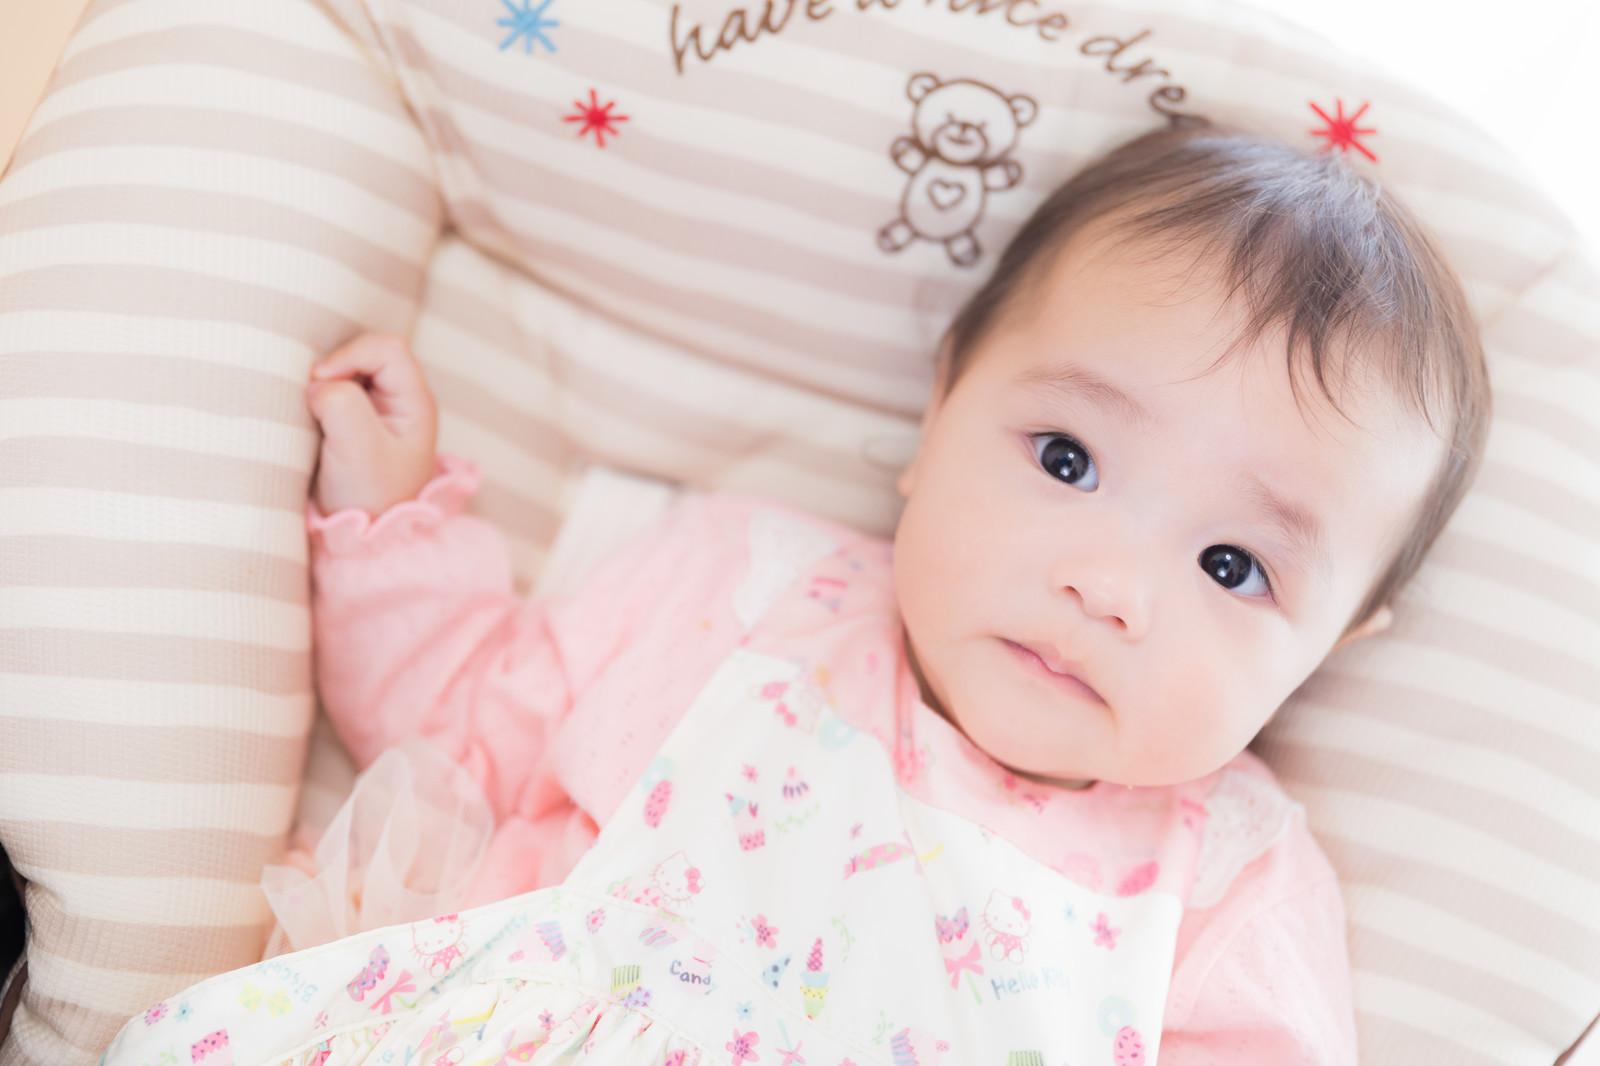 育児応援金 今年4月28日以降に生まれた子どもさんの育児を支援するための応援金 イメージ画像